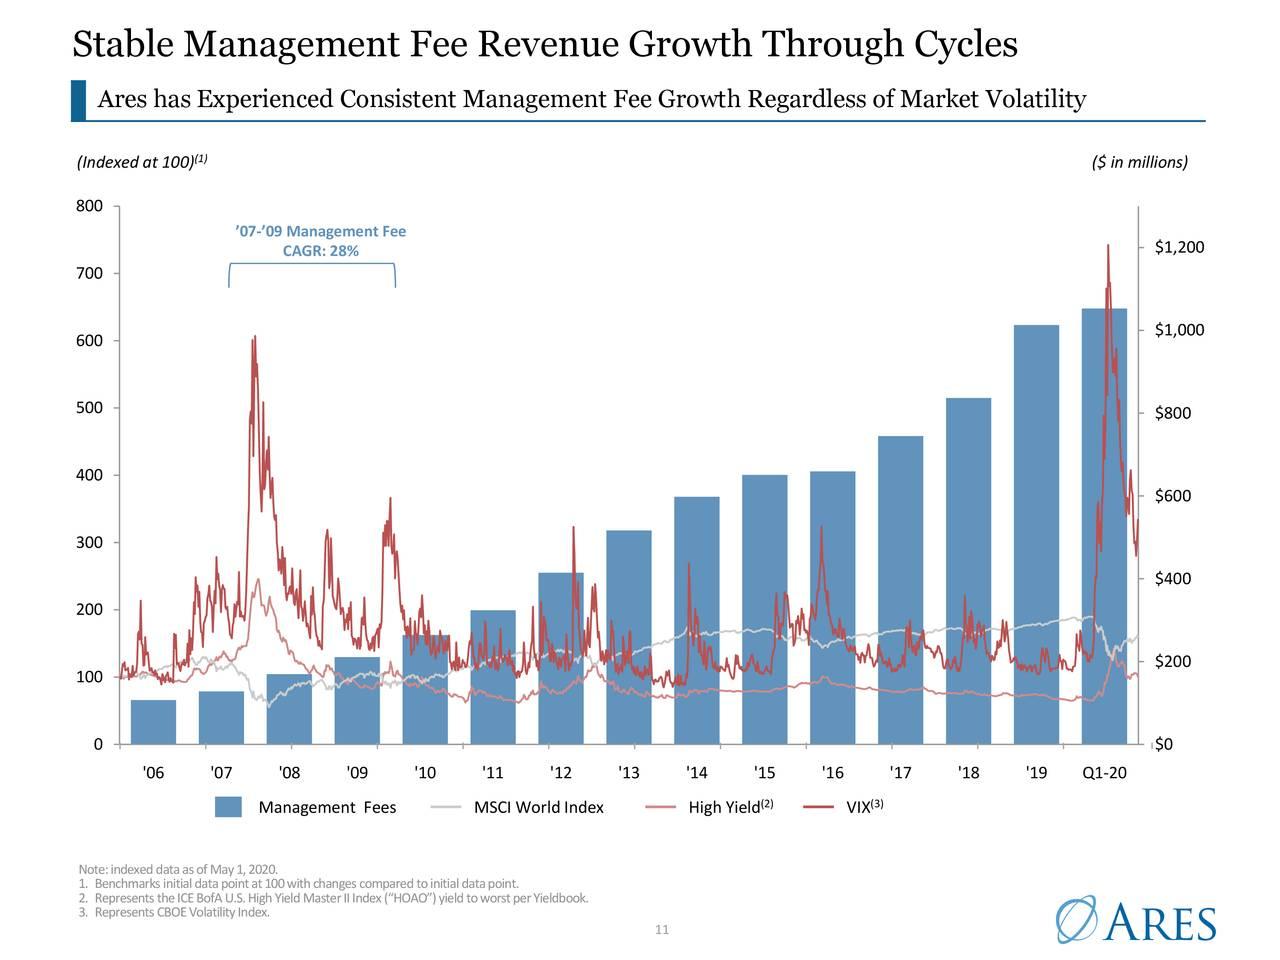 Crecimiento estable de los ingresos por comisiones de gestión a través de ciclos